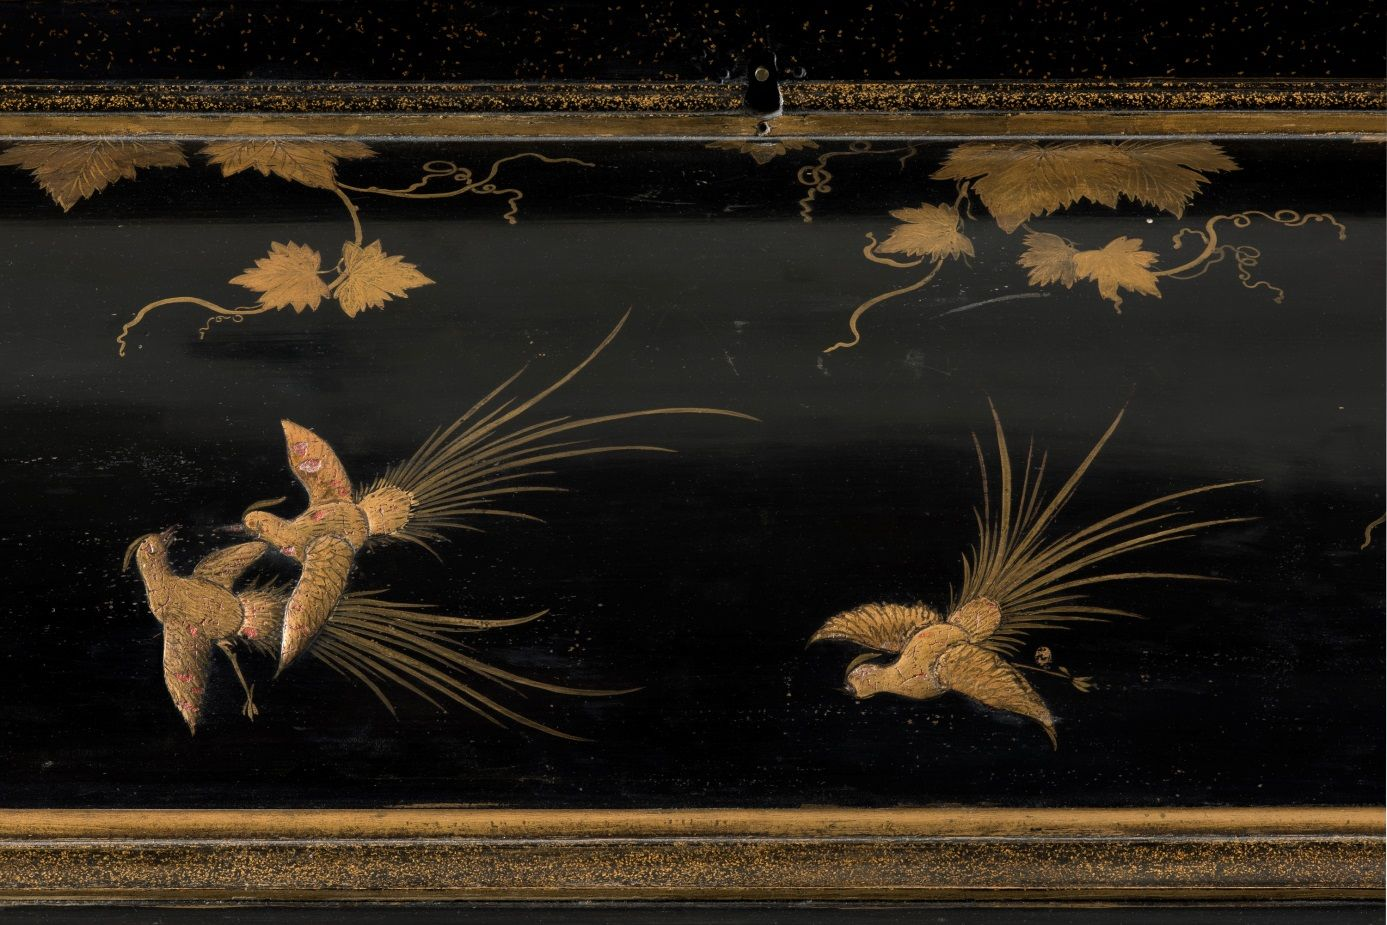 Detail vom Münzschrank: Gesims mit Weinranken und Vögeln © Staatliche Museen zu Berlin, Kunstgewerbemuseum / Tomasz Samek, Münster